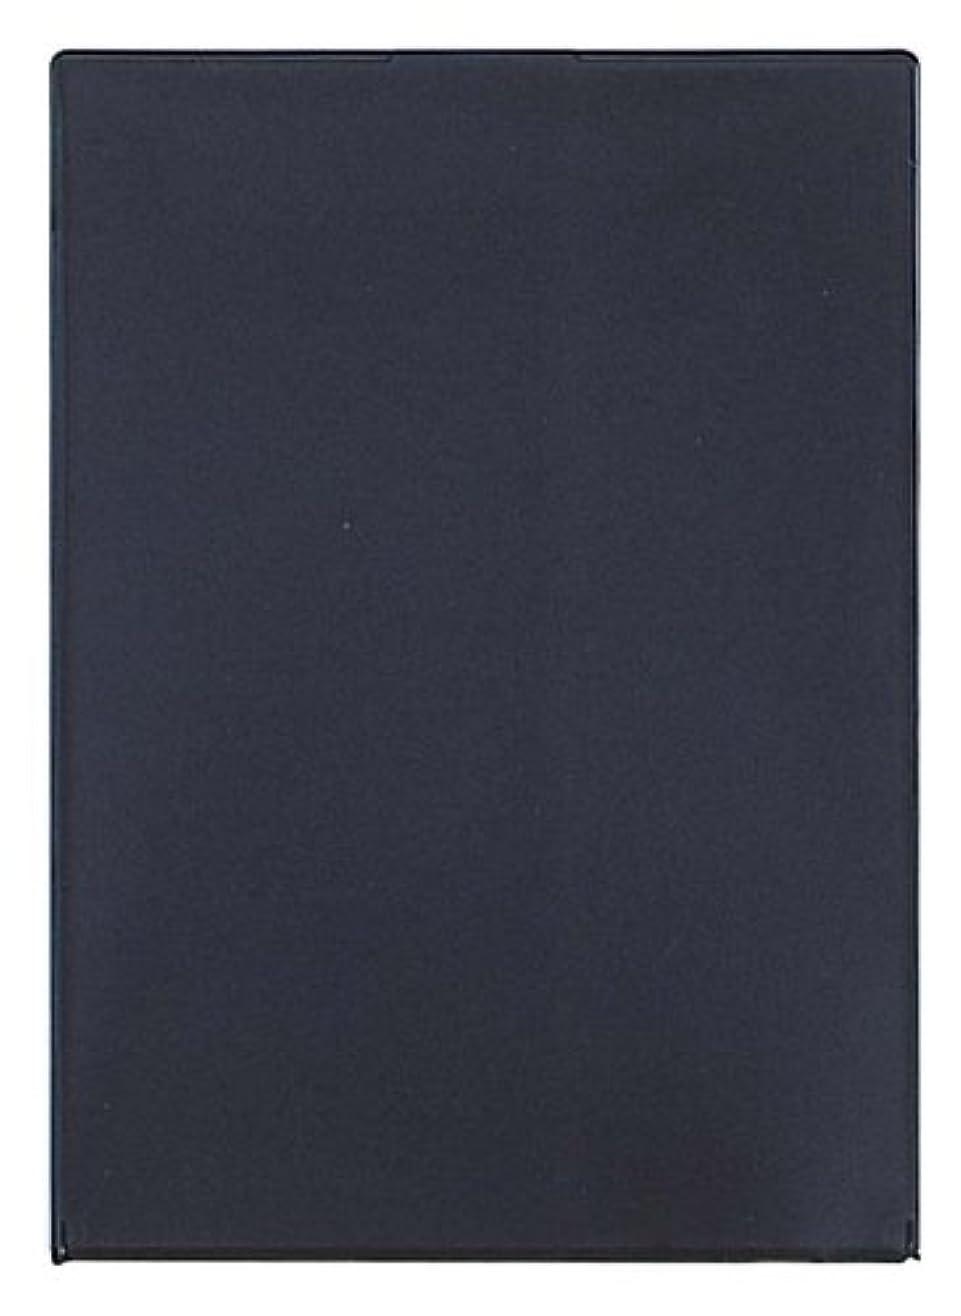 裁判官変色する校長ビブレ角型コンパクトミラーLL ブラック Y-1207